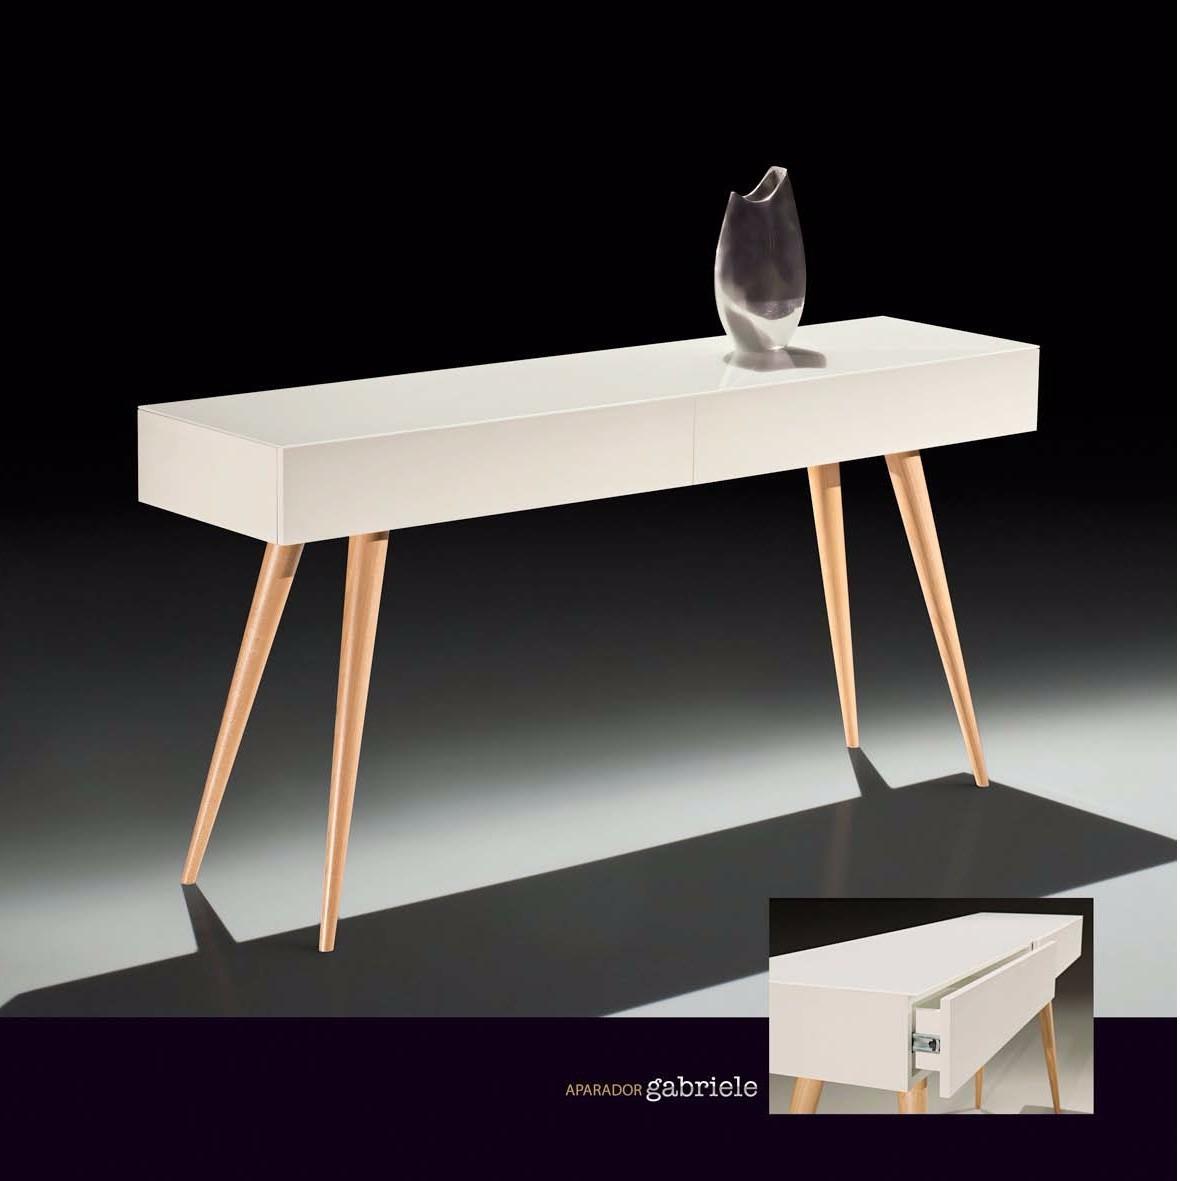 Adesivo De Geladeira Pinguim Mercado Livre ~ Aparador Elegante Madeira Laca Branca Vidro Gavetas 1,60 Mts R$ 2 772,85 em Mercado Livre